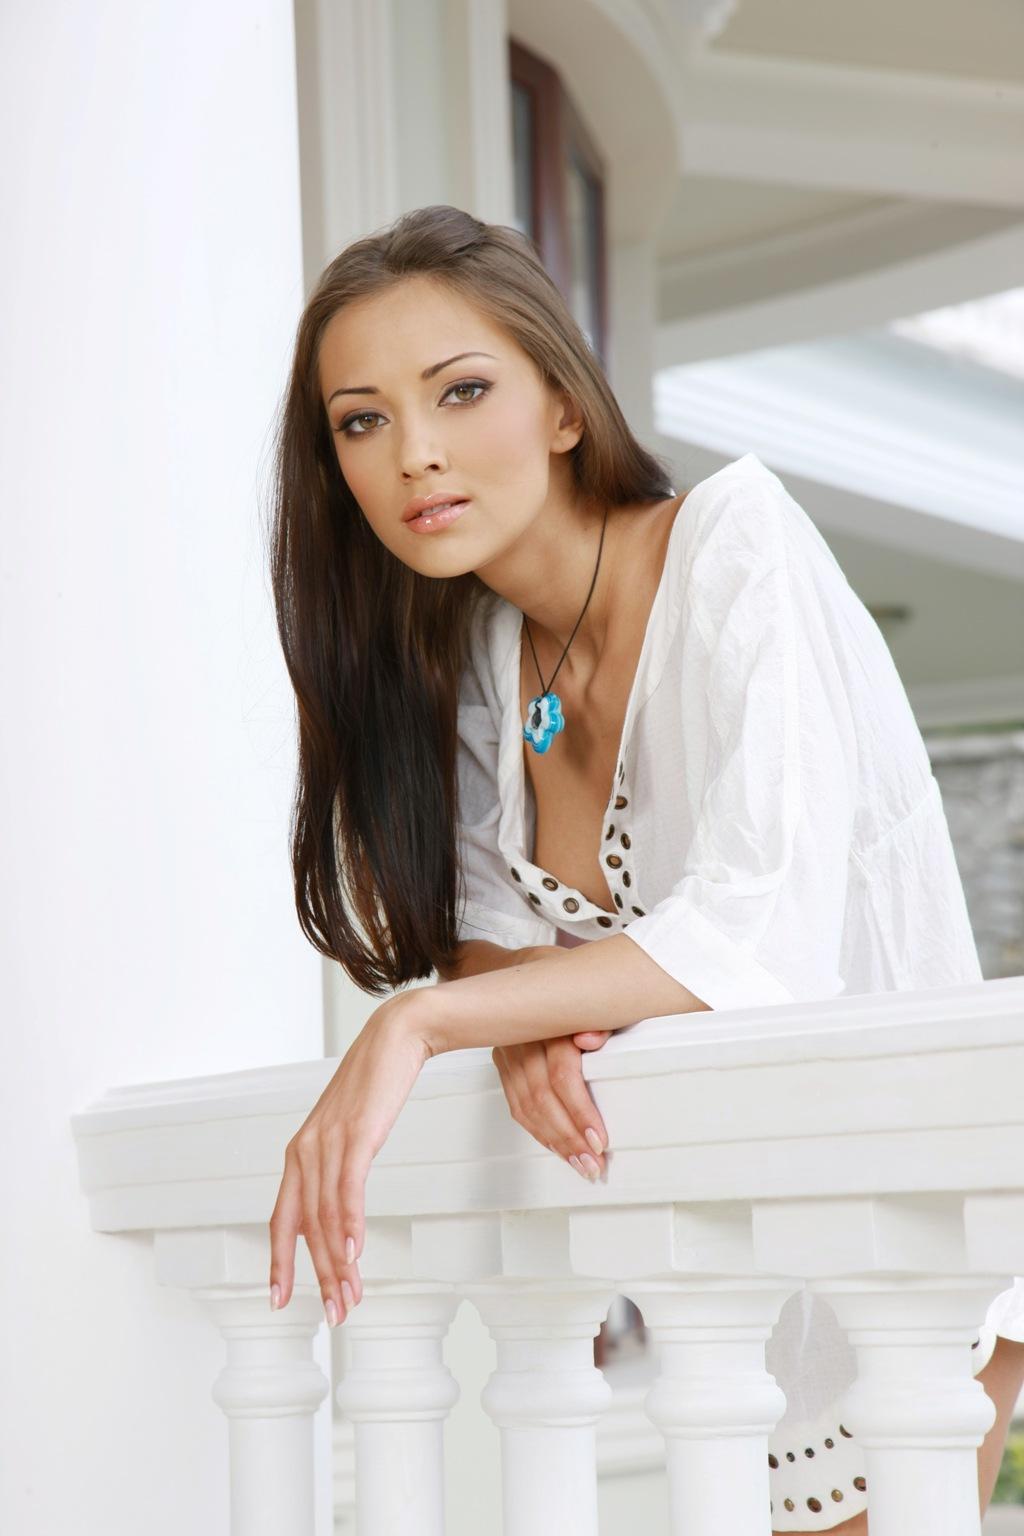 русские голая девушка анна водичке очень